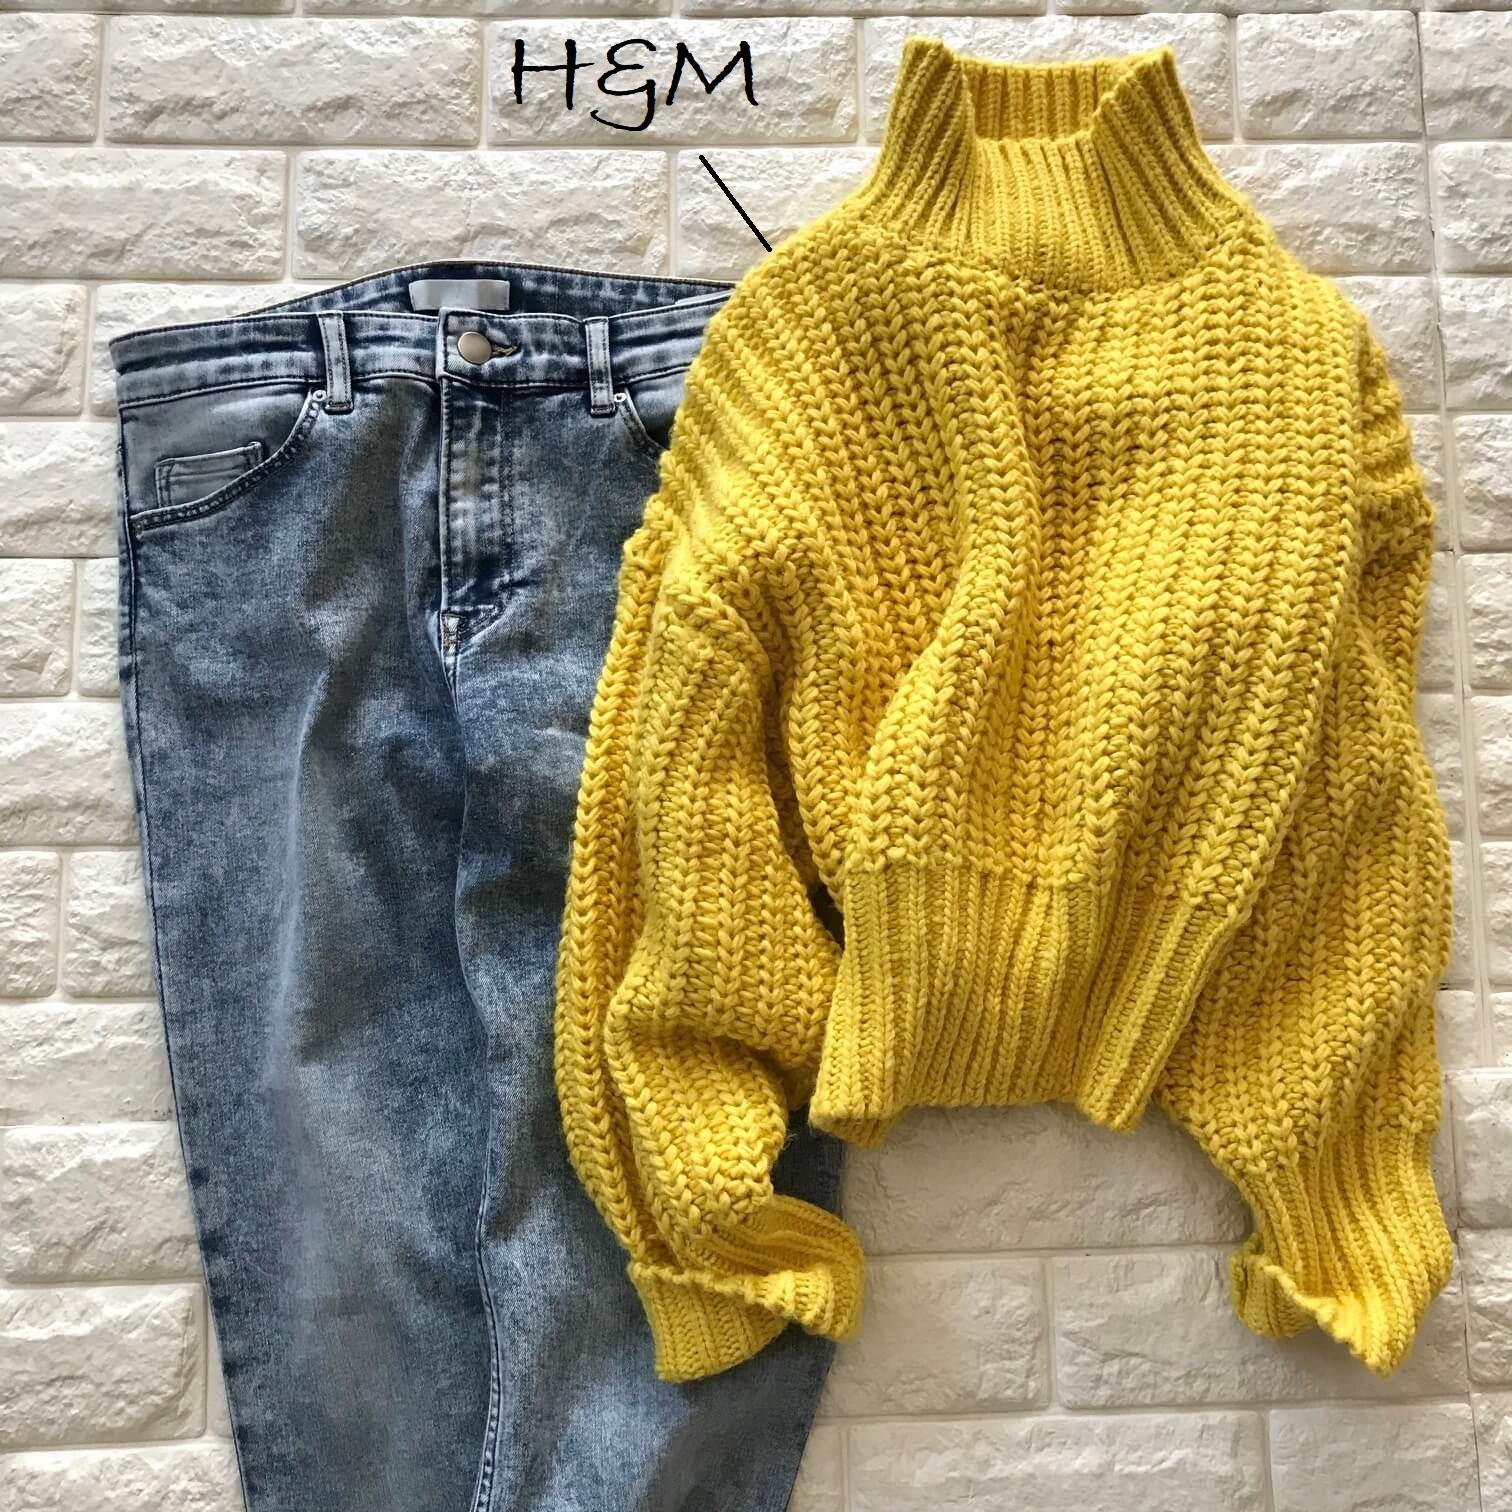 H&Mのイエローニットとデニムを合わせた画像